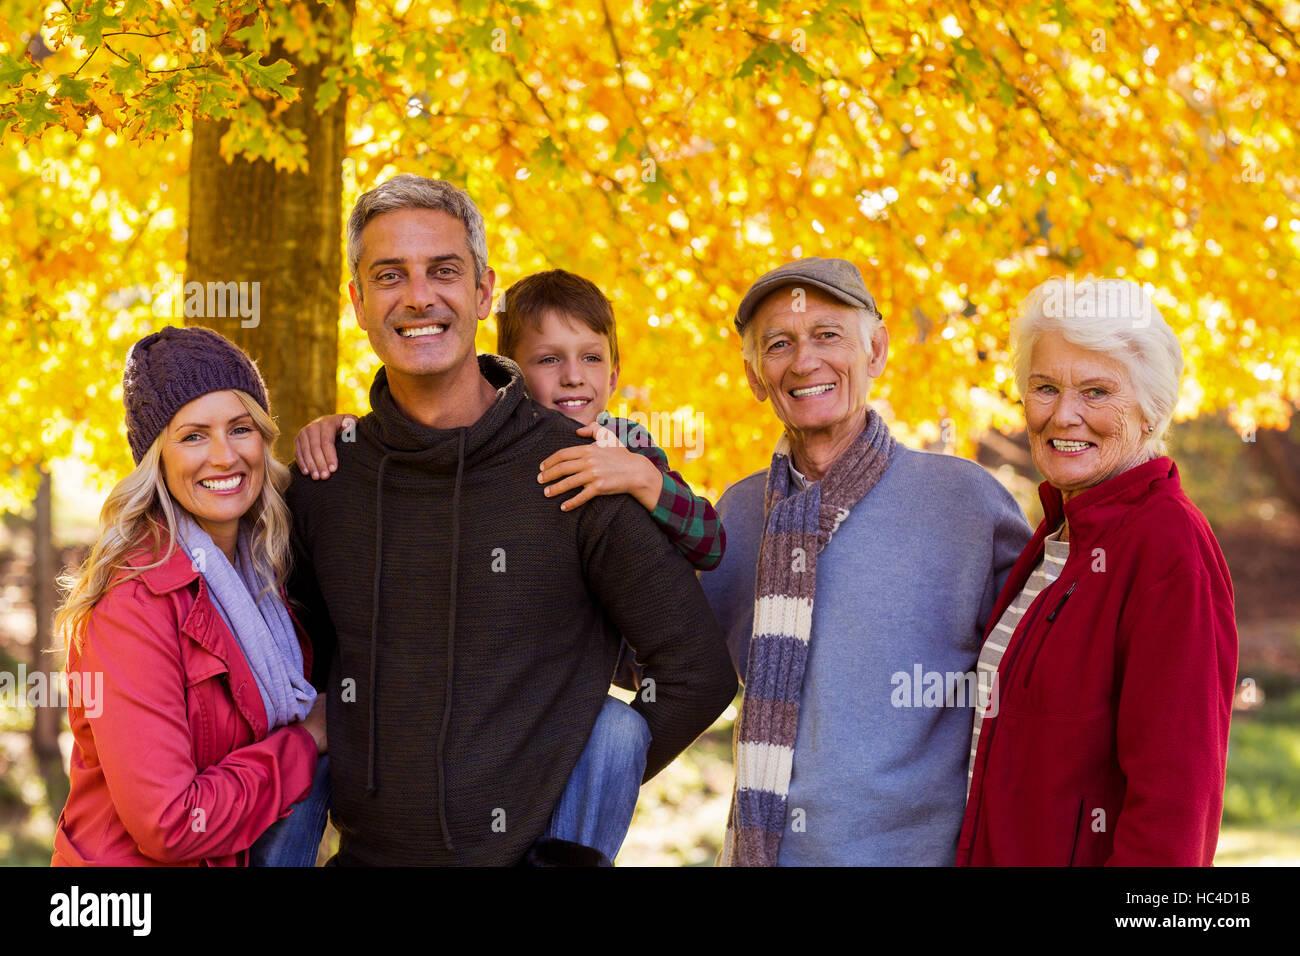 Happy family at park Photo Stock